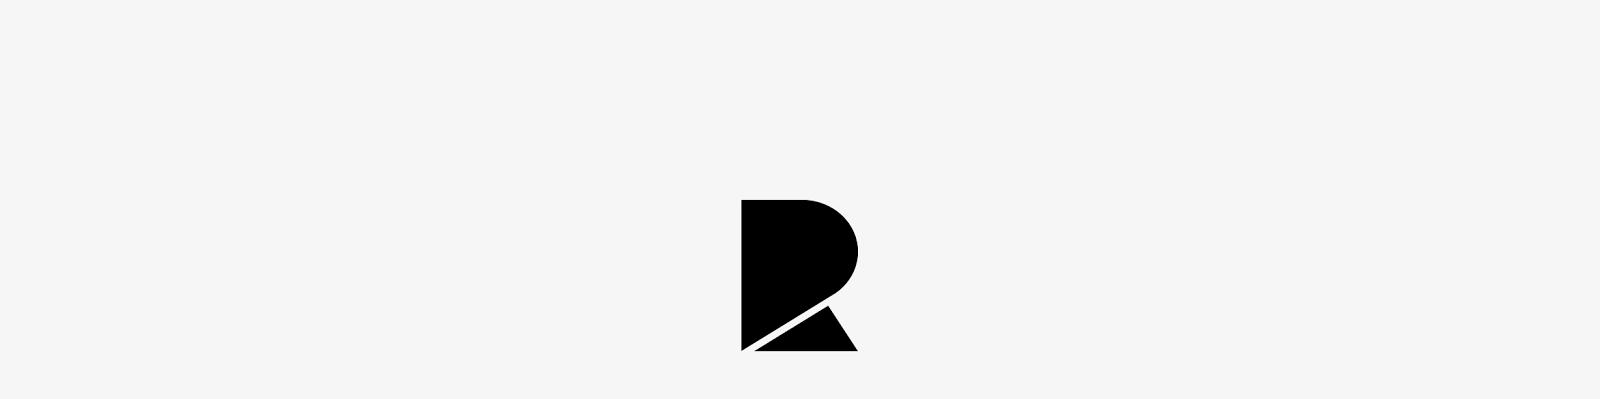 Robrecht's blog